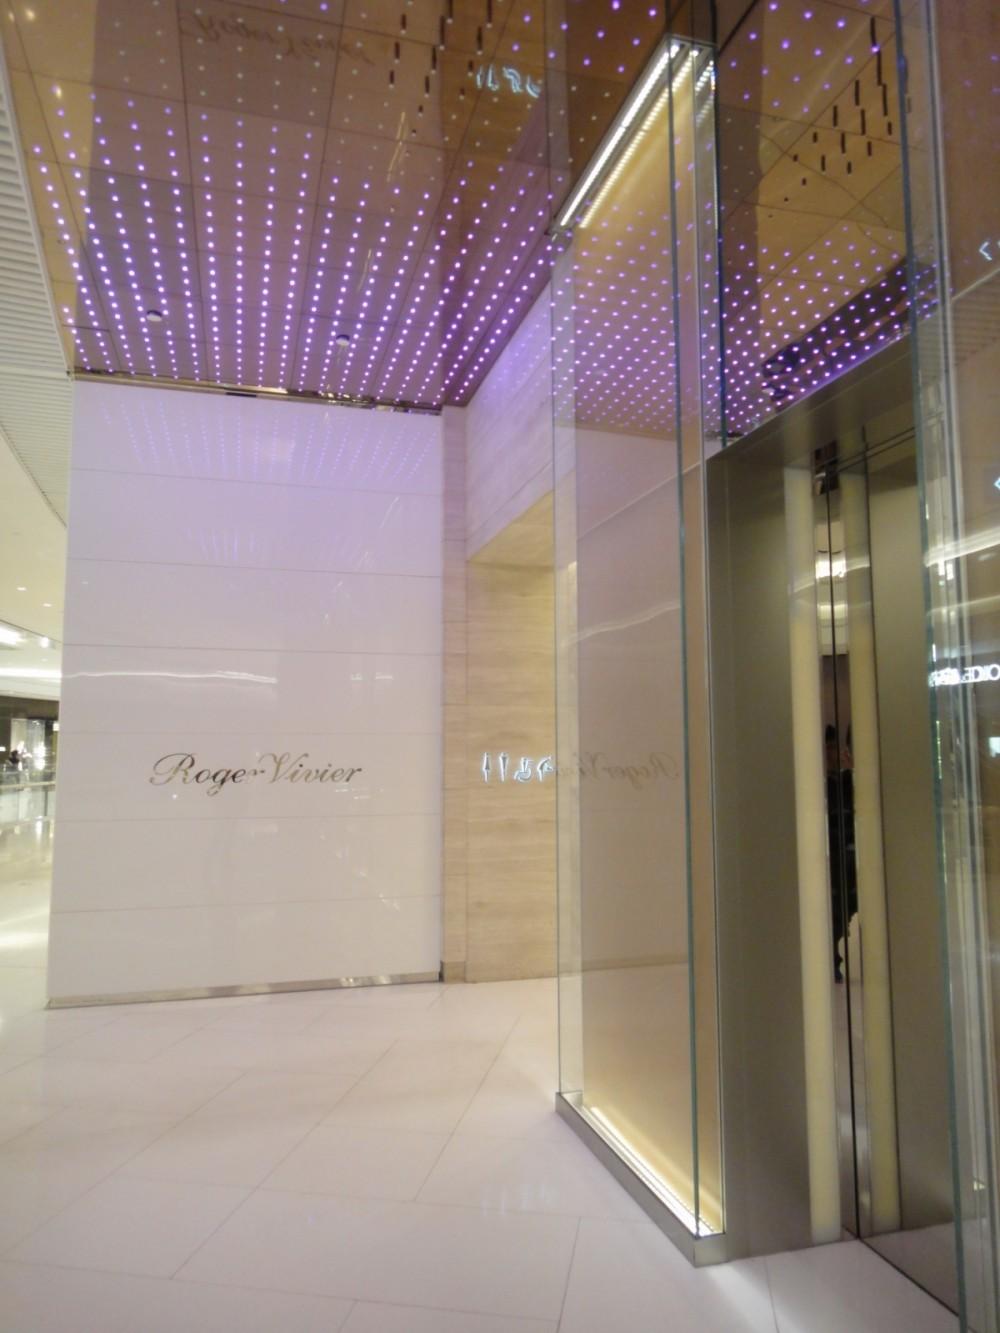 创意电梯厅、过道、轿厢概念收集整理_无锡恒隆商场.jpg